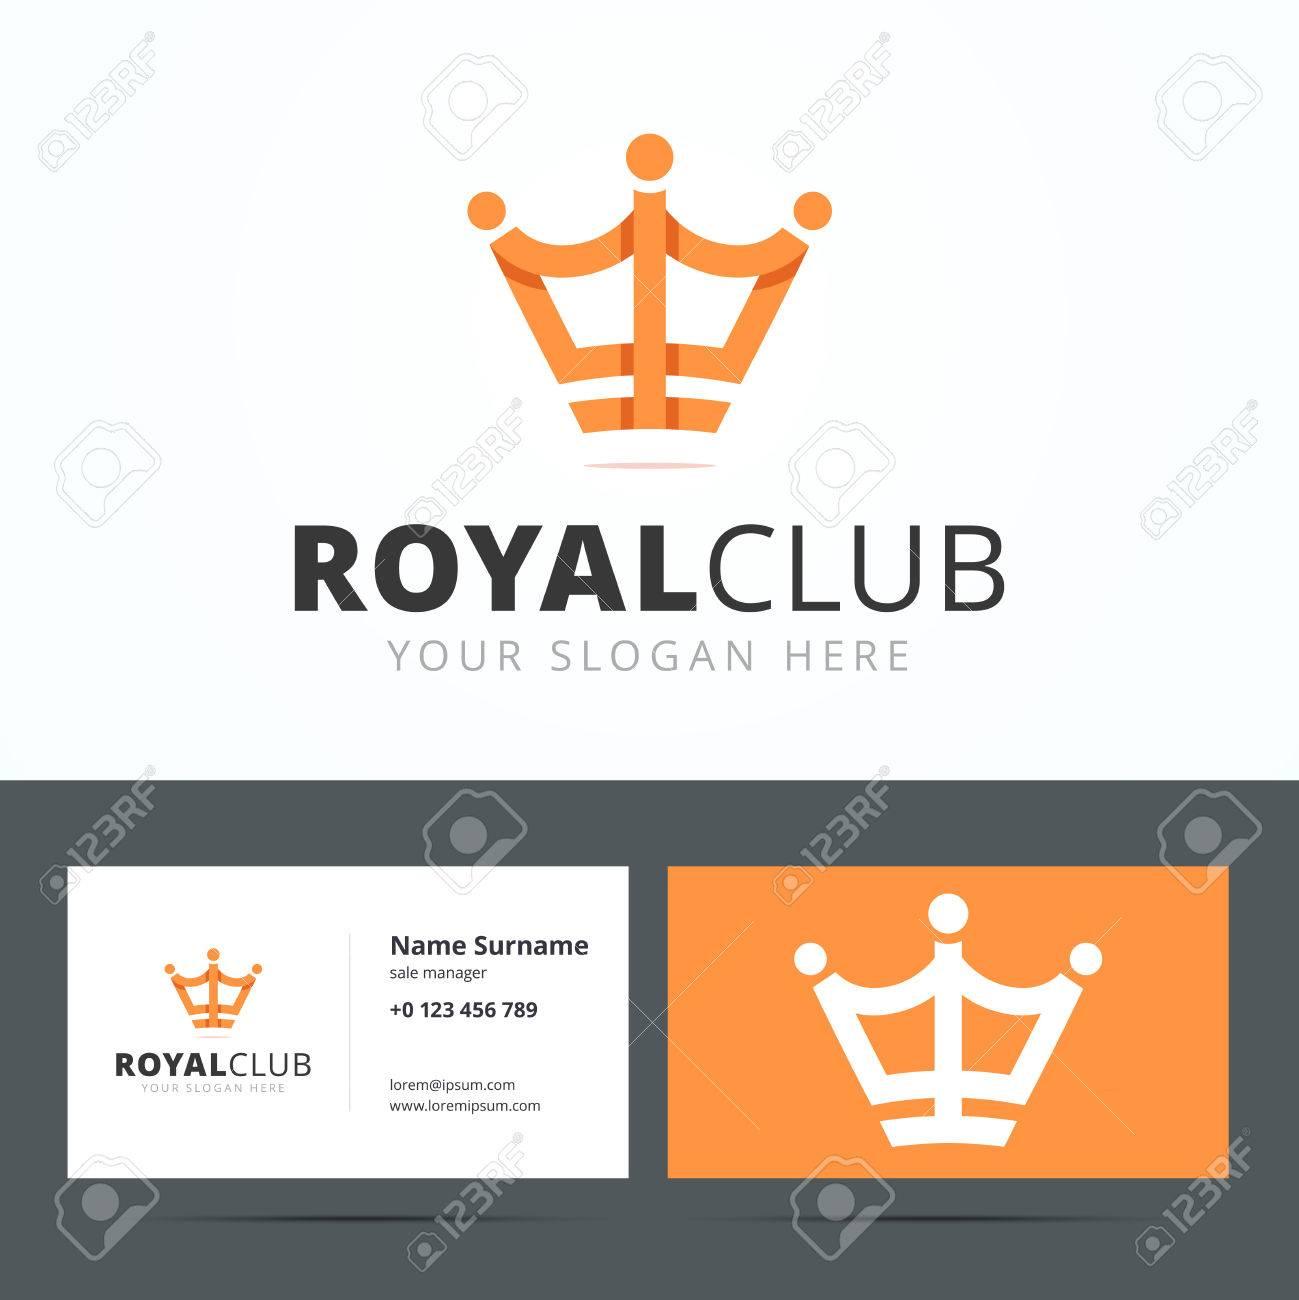 Logo Du Club Royal Et Modle De Carte Visite Signe Vip